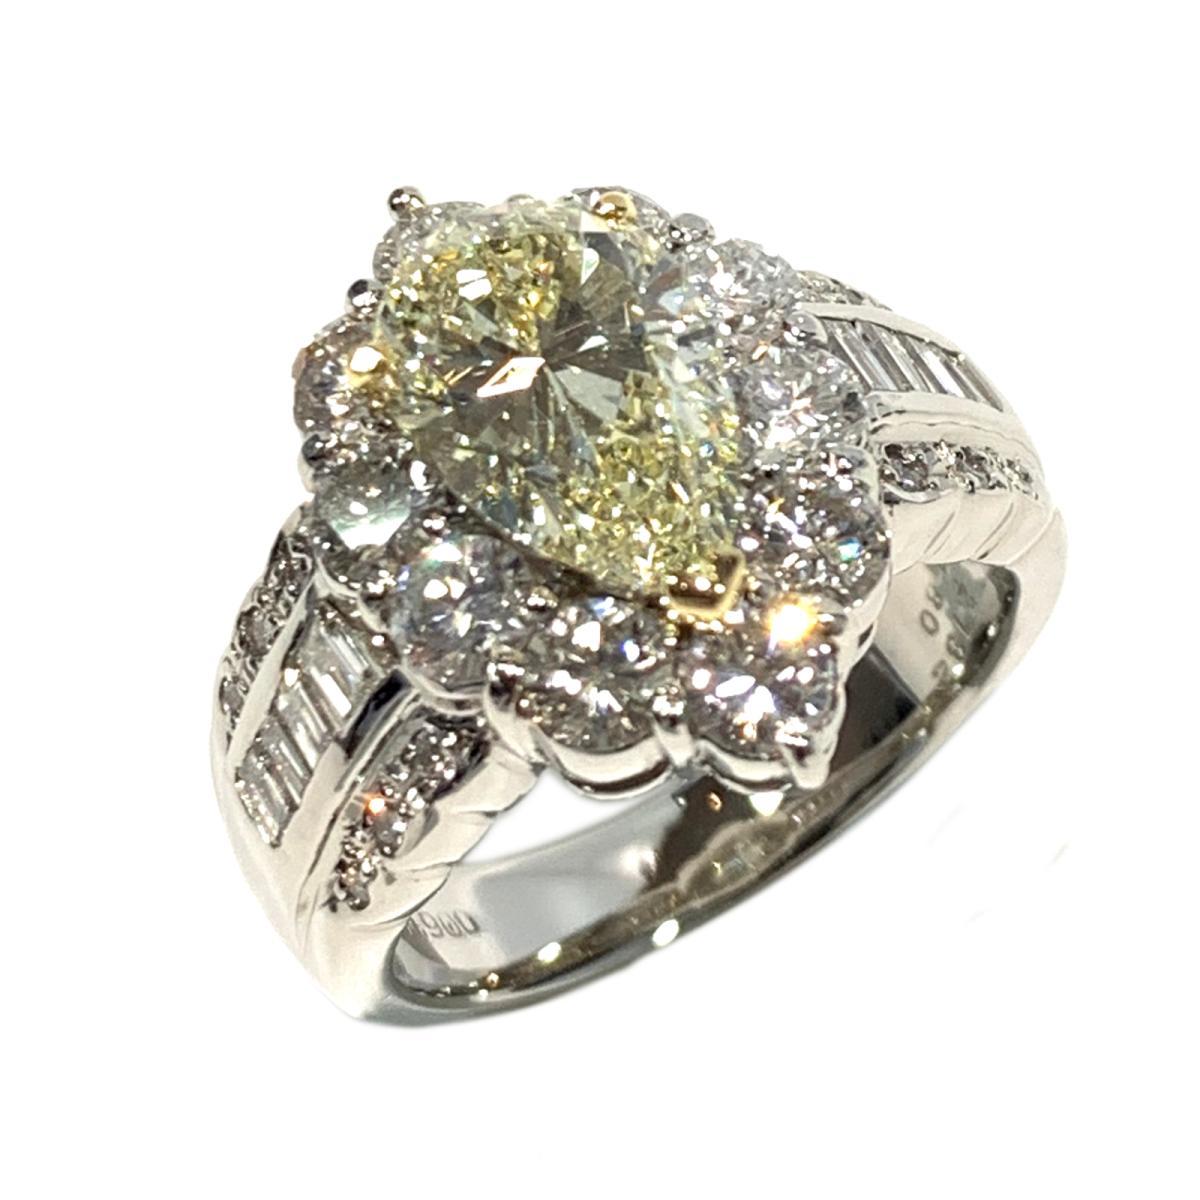 【中古】 ジュエリー ダイヤモンド リング 指輪 レディース PT900 プラチナ x K18 ダイヤ2.132/1.80ct クリアー イエロー シルバー | JEWELRY BRANDOFF ブランドオフ ブランド アクセサリー